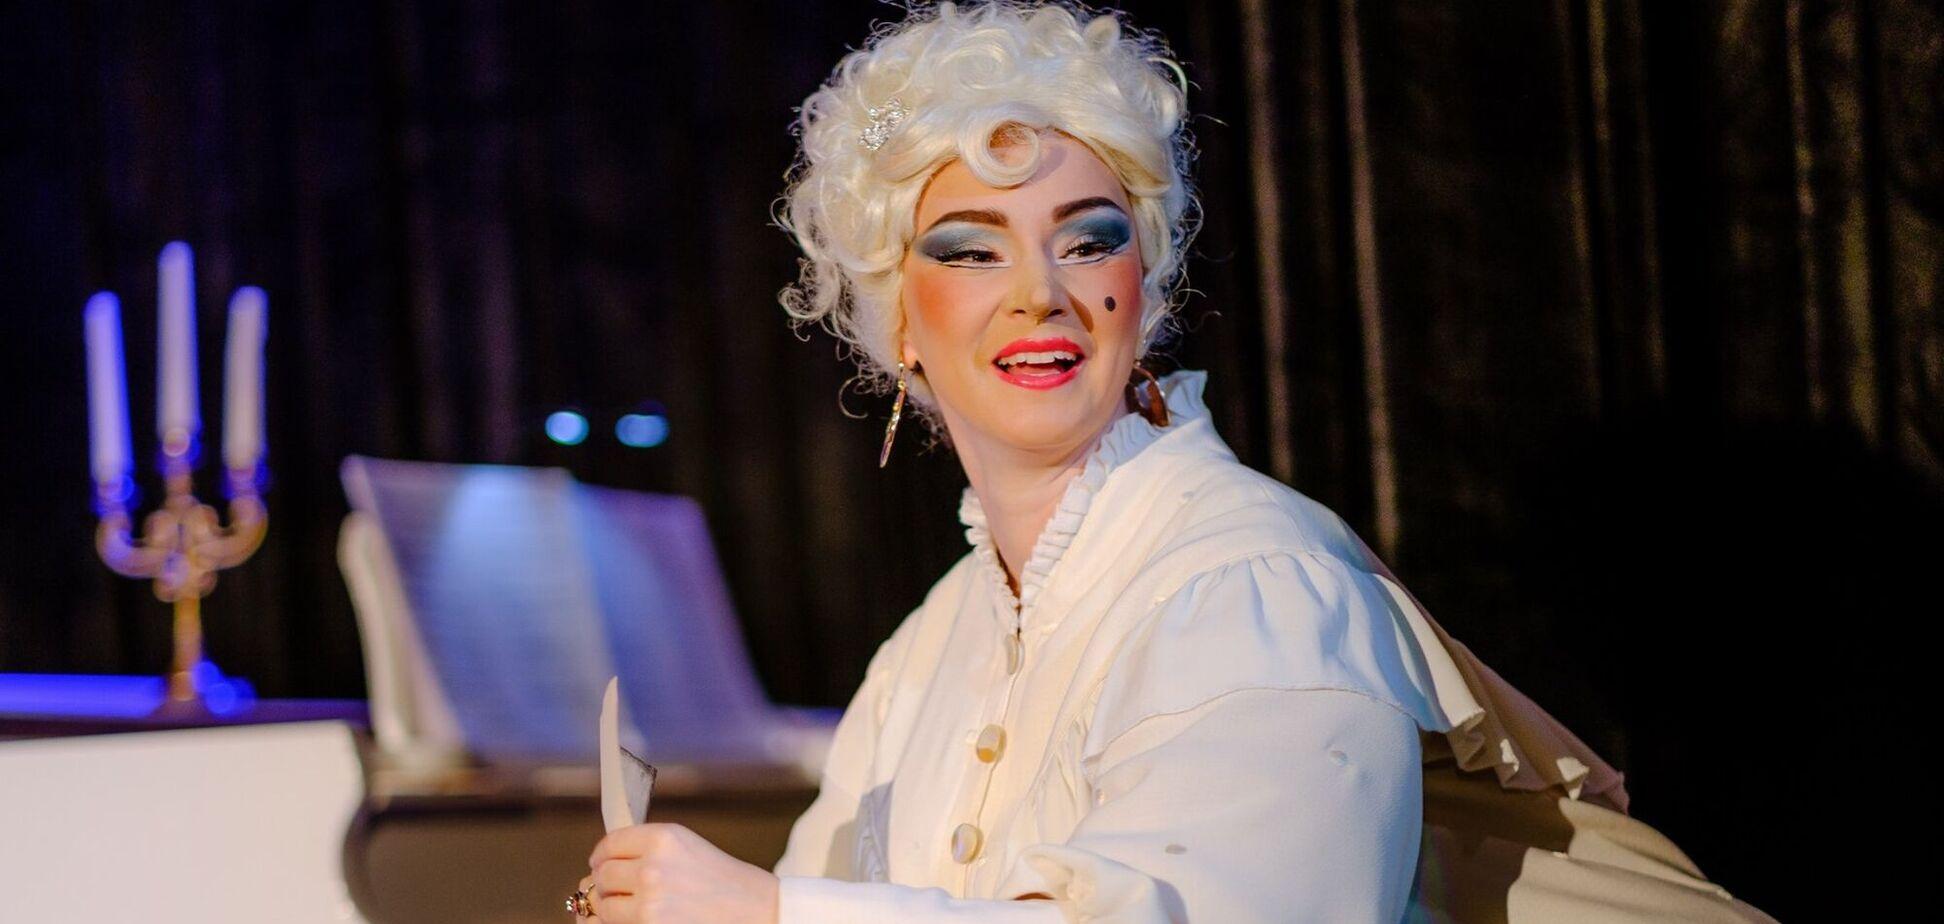 22 октября в Национальной оперетте состоится спектакль-попурри 'Ах, этот Оффенбах!'